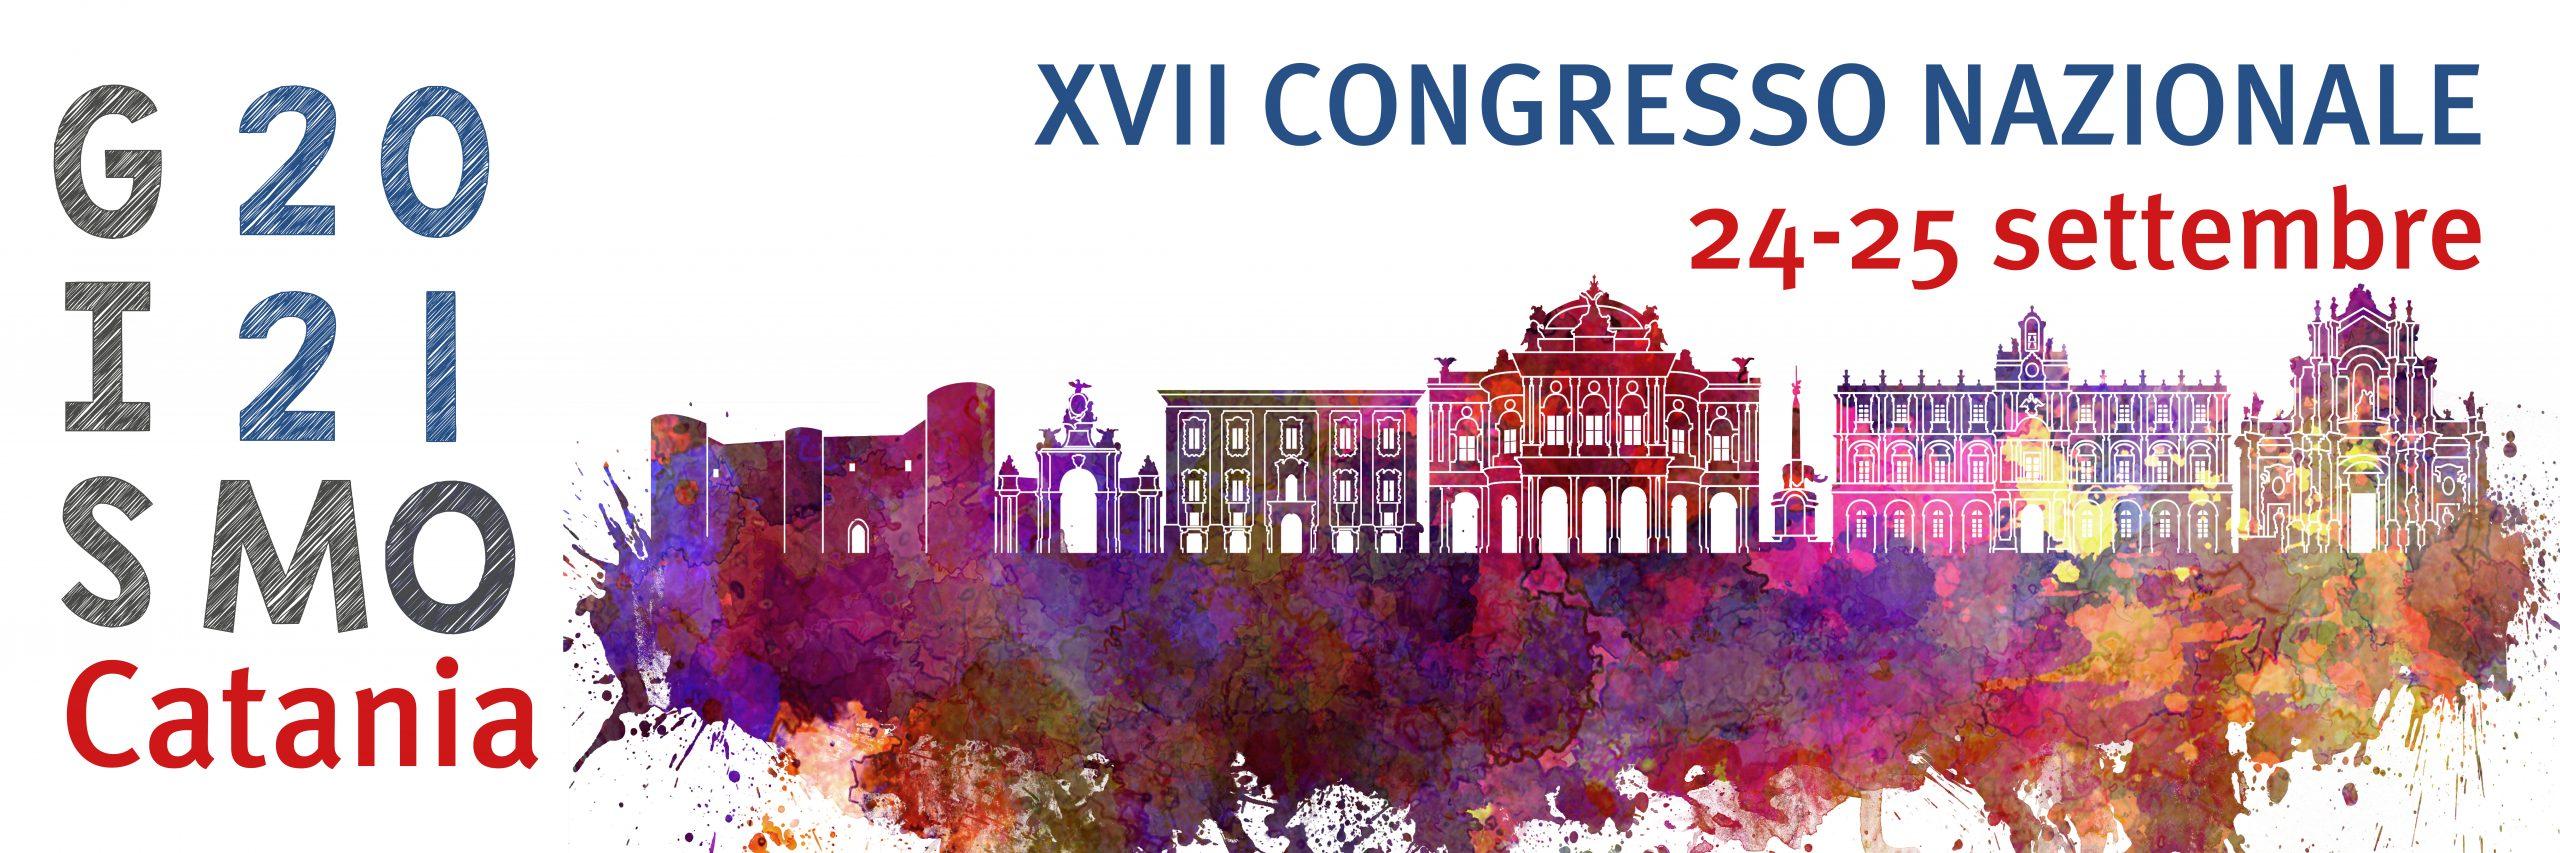 Congresso Nazionale GISMO